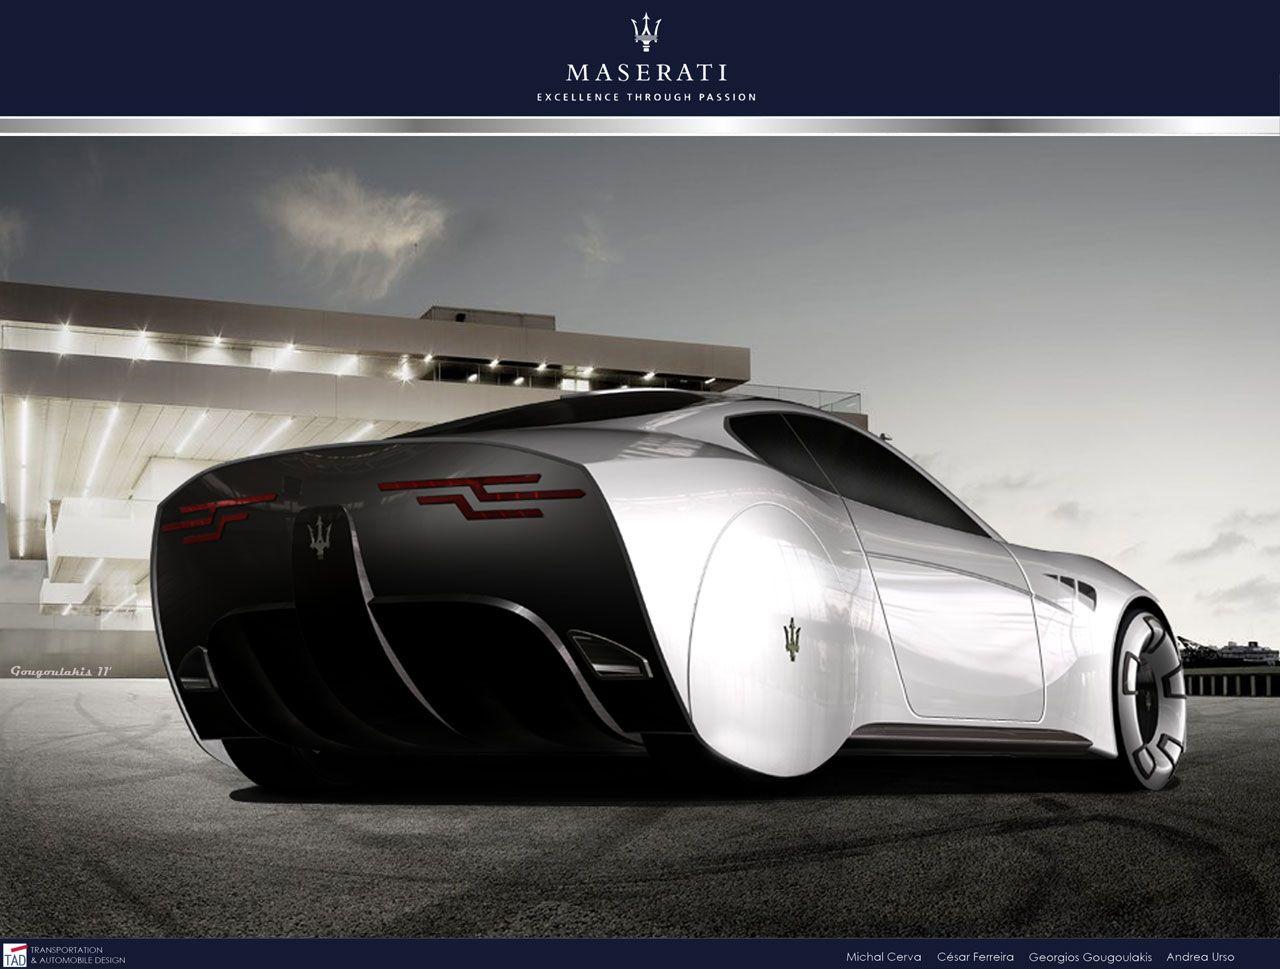 Maserati Granturismo Concept 2020 04 Go Ride It Maserati